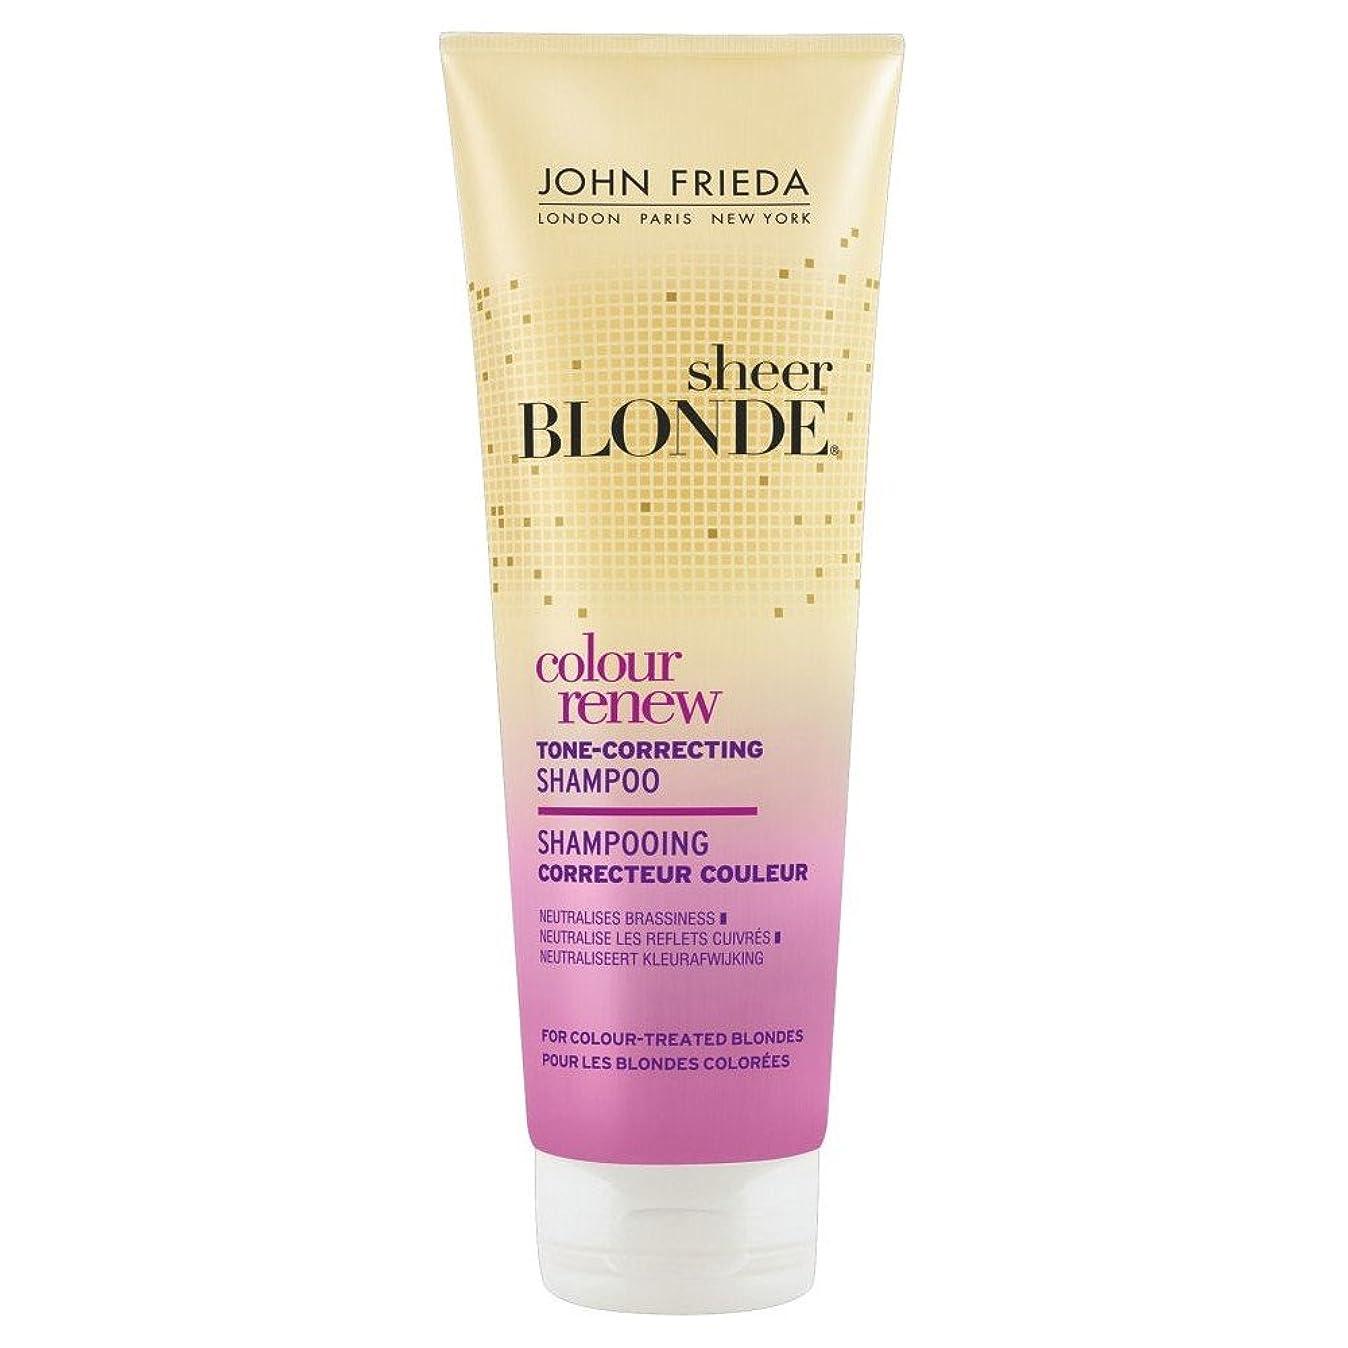 現像に関してモナリザJohn Frieda Sheer Blonde Colour Renew Tone Correcting Shampoo (250ml) ジョン?フリーダ全くのブロンド色は色調を補正シャンプー( 250ミリリットル)を更新する [並行輸入品]